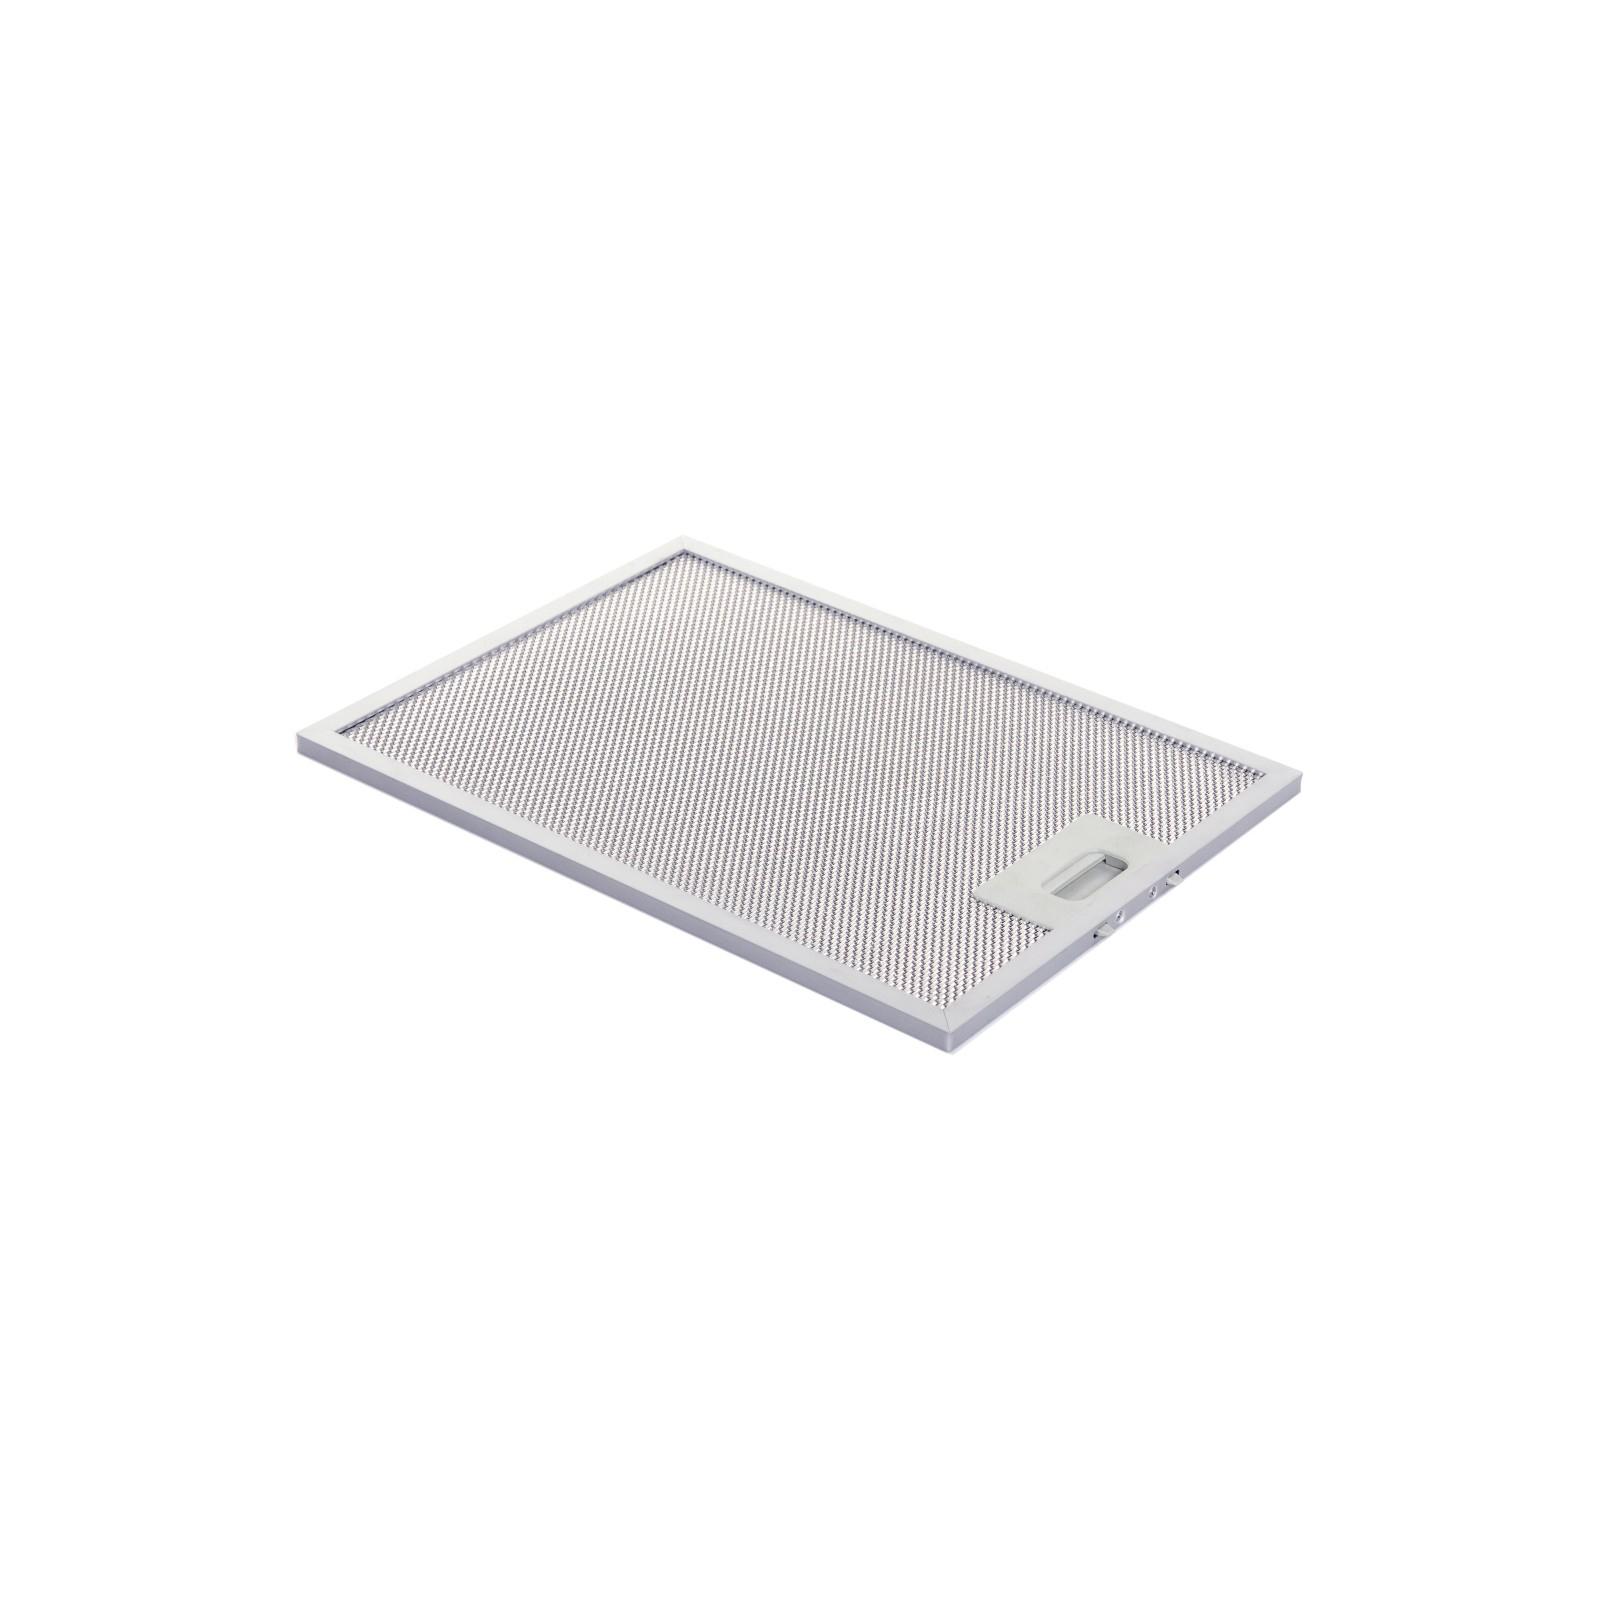 Вытяжка кухонная Eleyus Solo Country 1200 LED SMD 60 N изображение 9